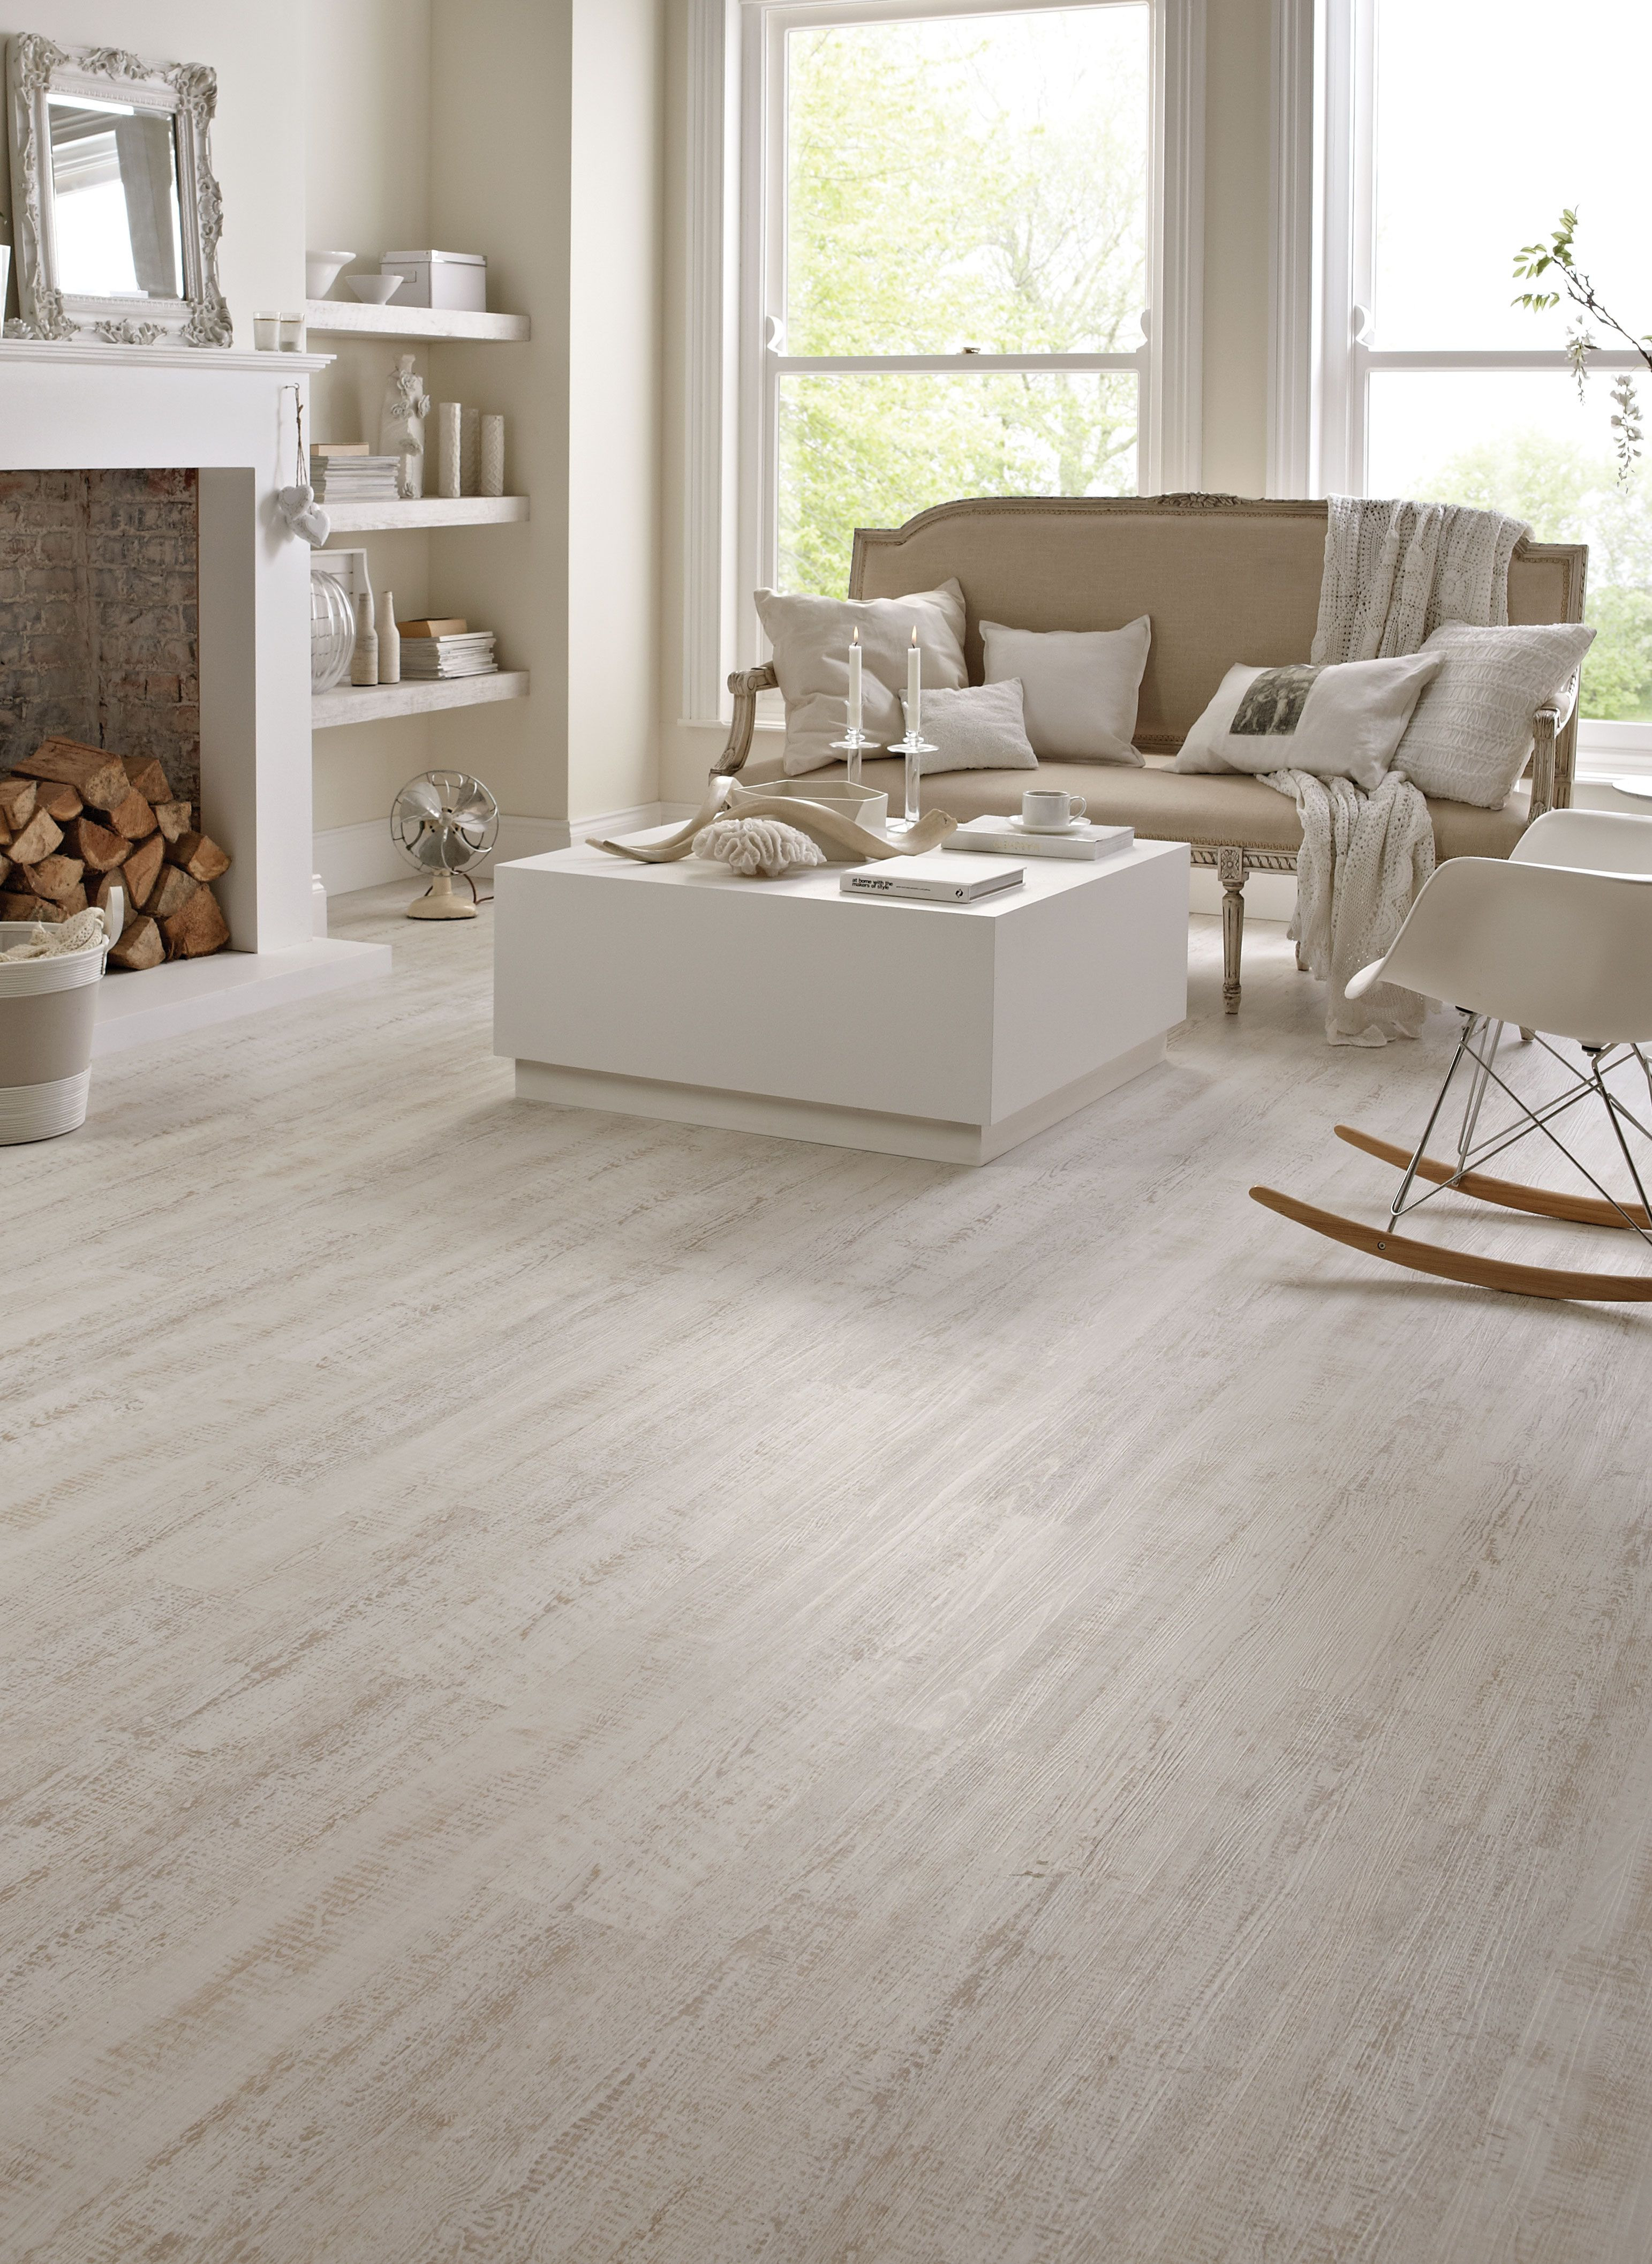 tile hardwood floor patterns of karndean wood flooring white painted oak by karndeanfloors regarding buy karndean knight tile white painted oak the very best online deals from flooring hut and karndean designflooring